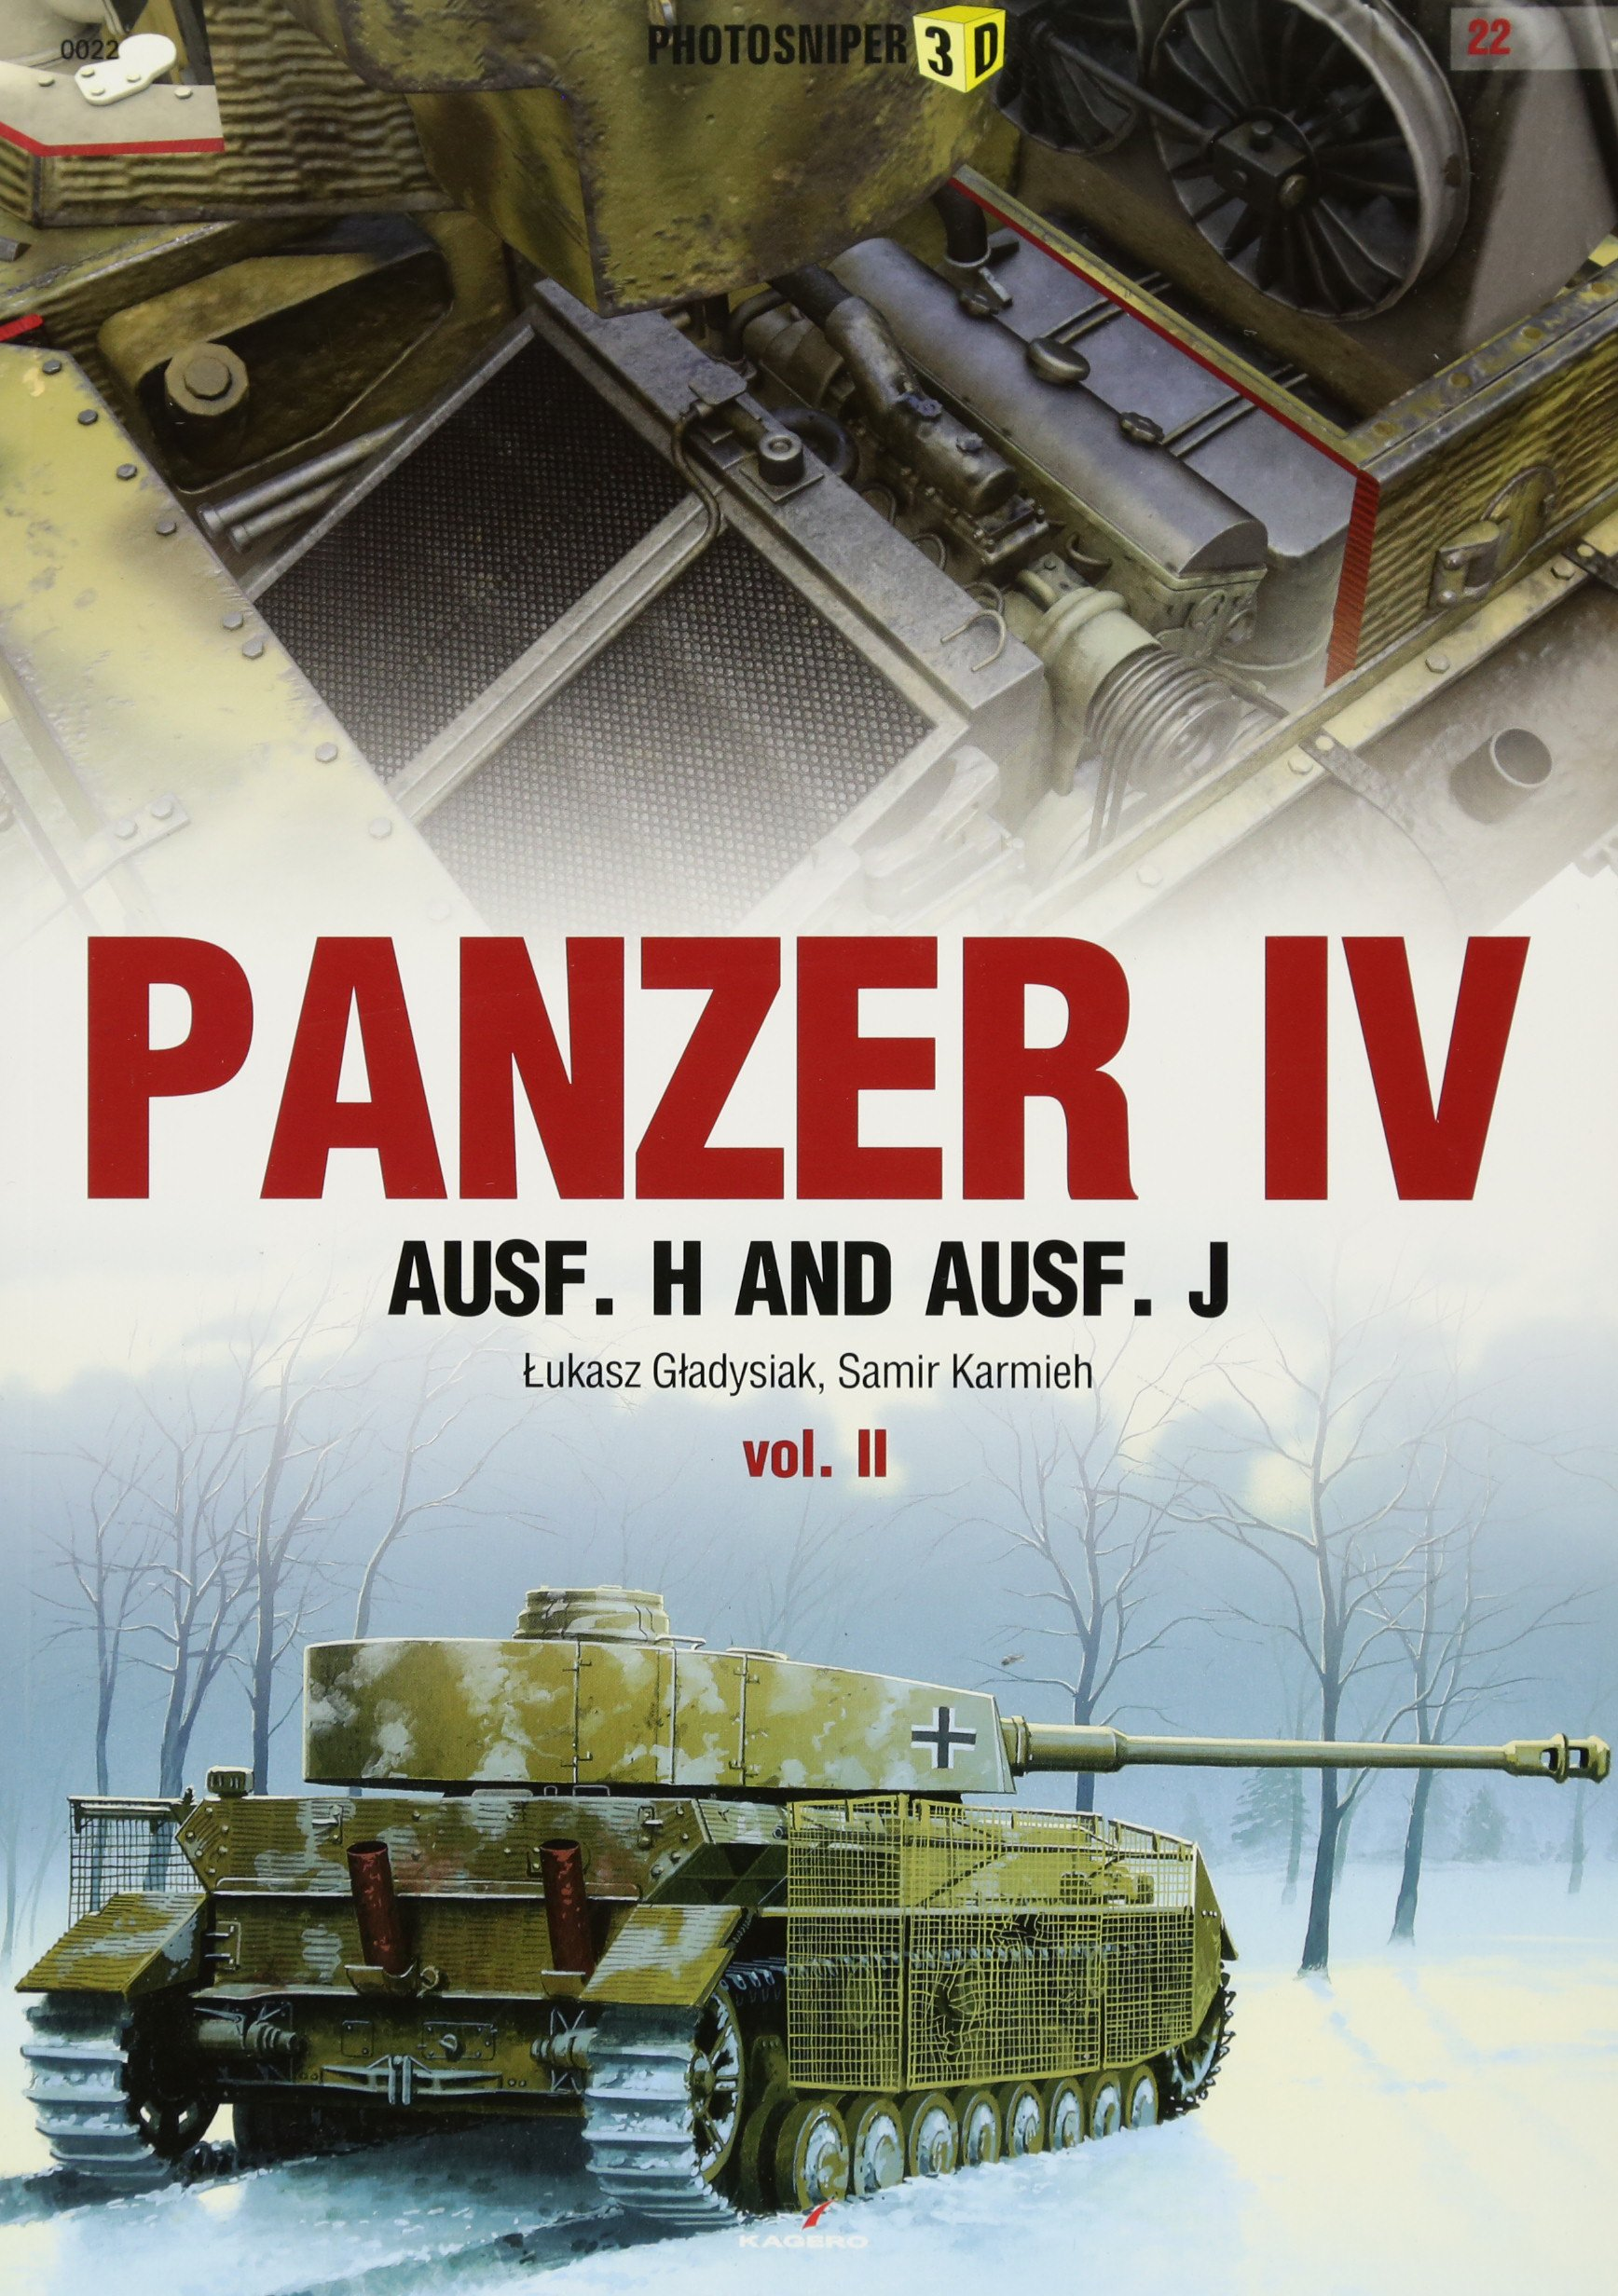 Panzerkampfwagen IV Ausf. H and Ausf. J. Volume 2 (Photosniper)